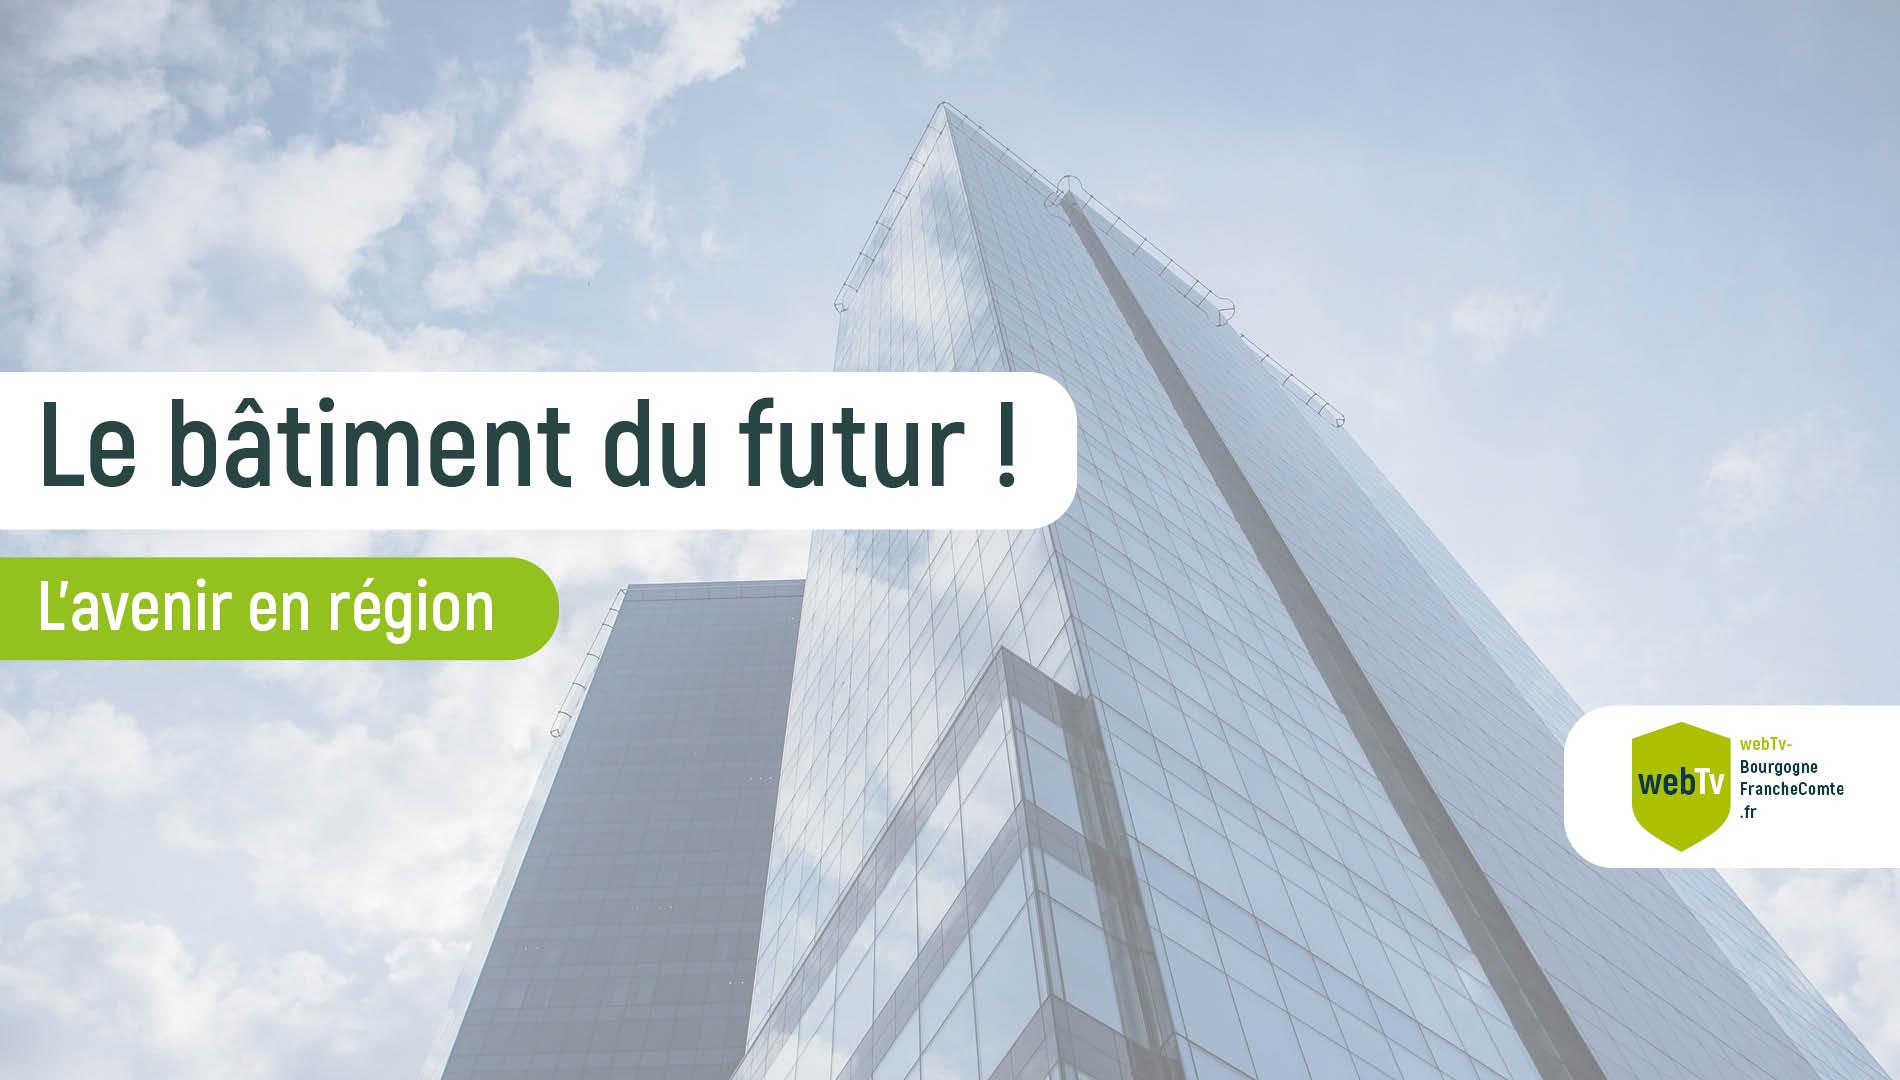 Miniature bâtiment du futur